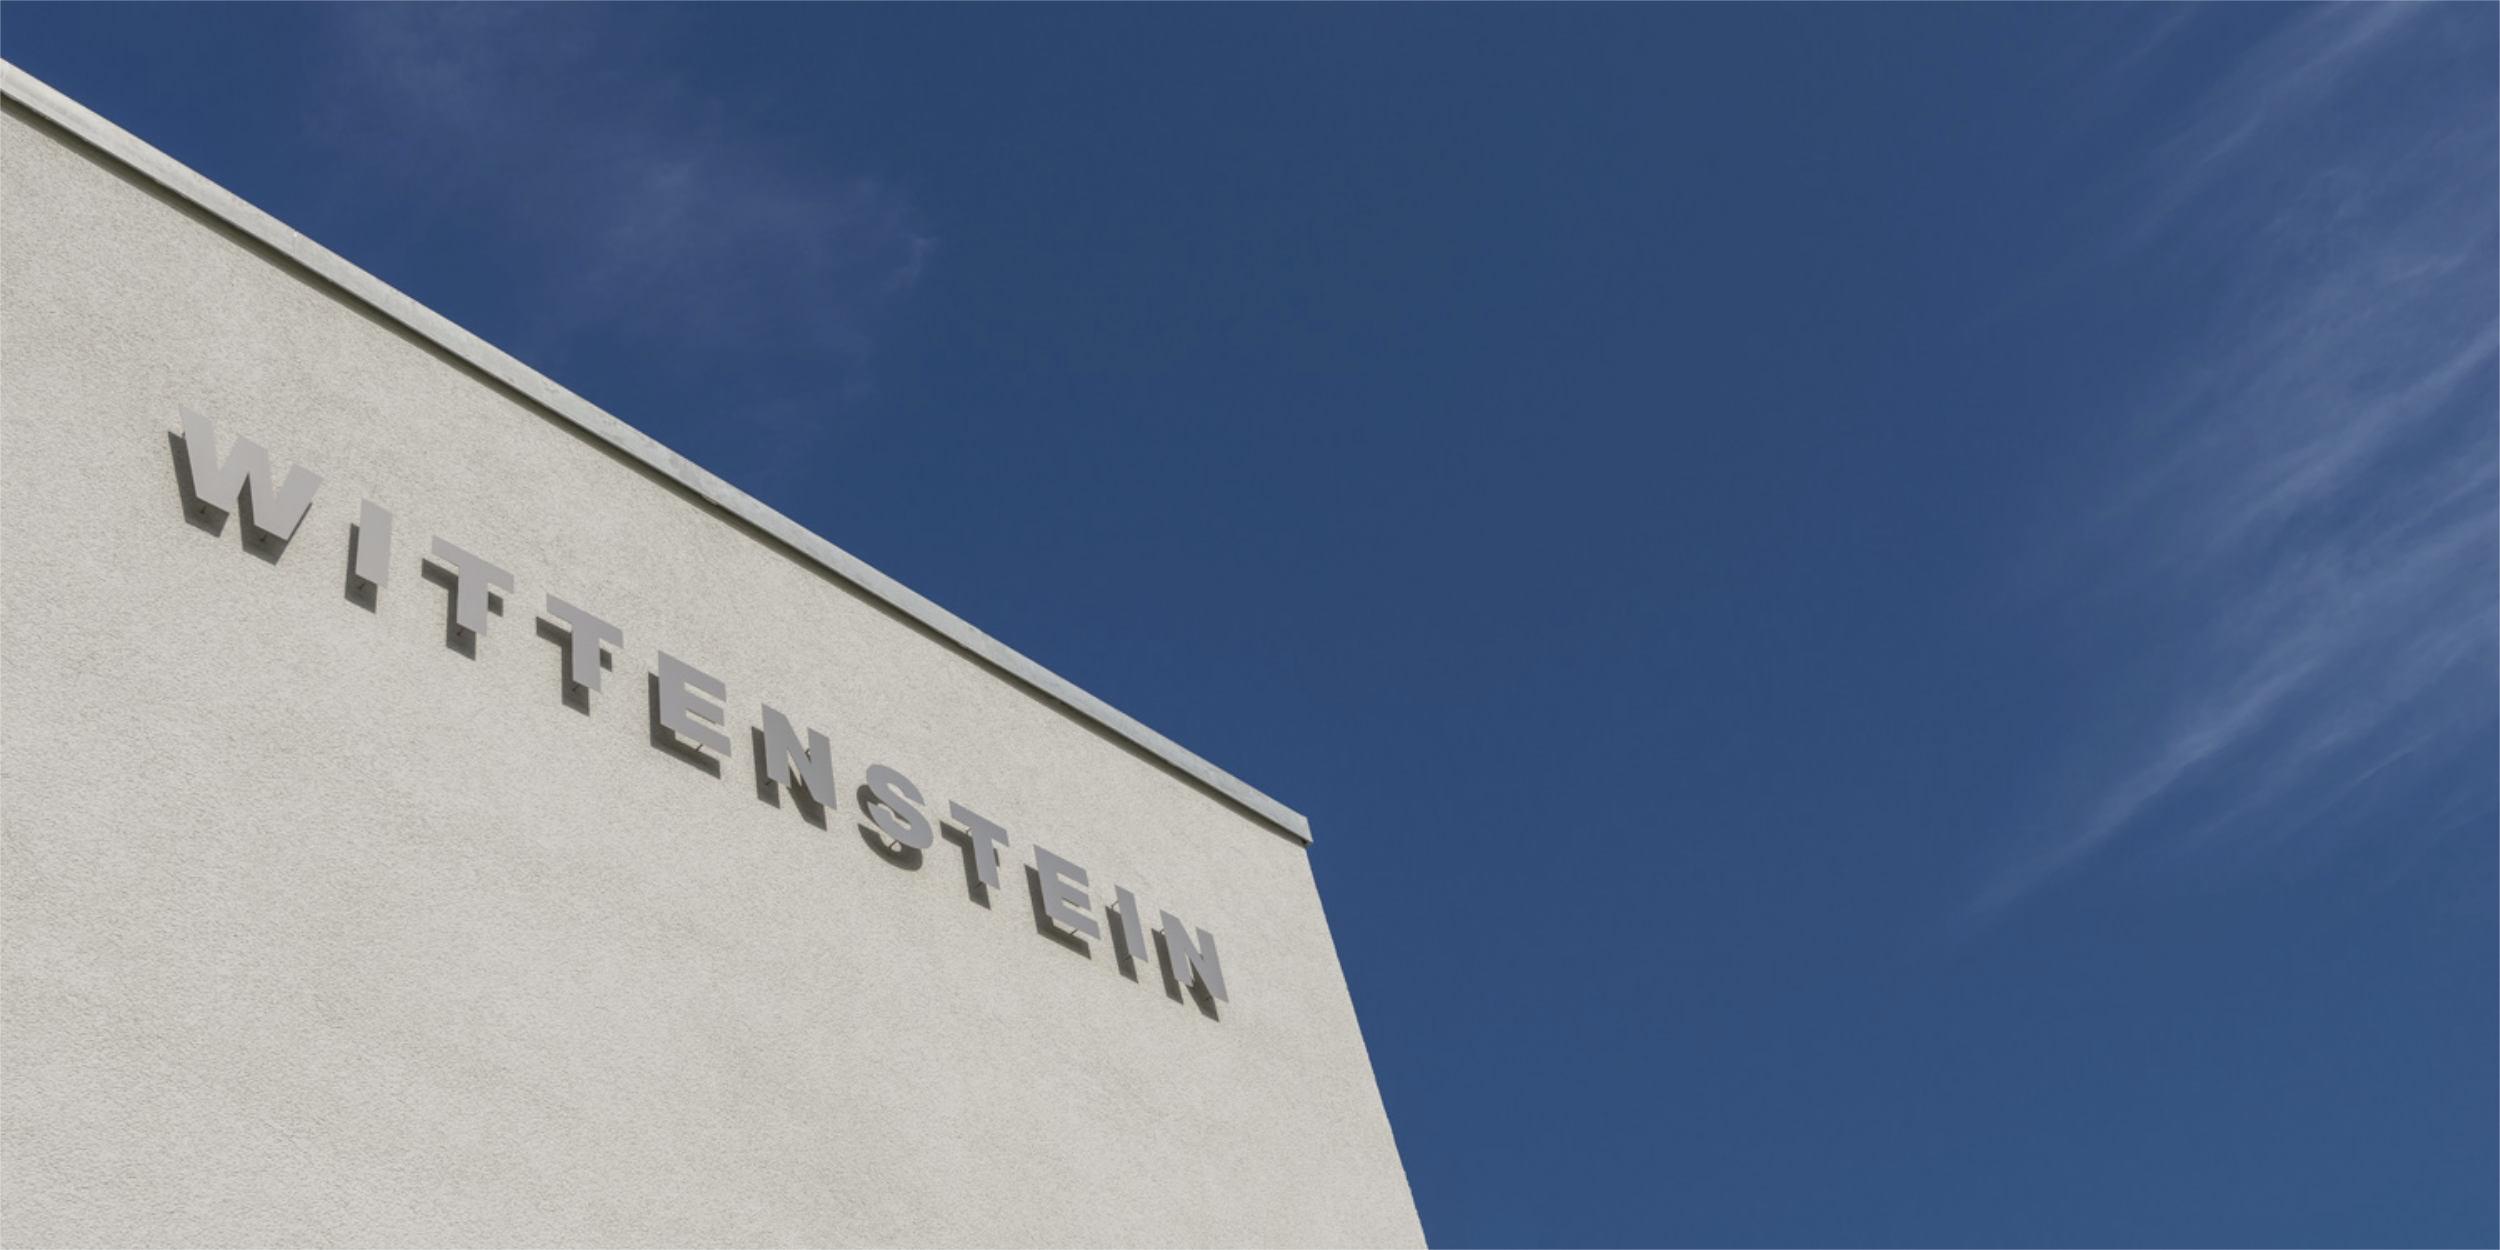 Architekturfotografie Stuttgart und Umgebung Neubau Wittenstein Fellbach Bürogebäude Produktionsgebäude Firmenwagen richtige Zeit richtiger Ort